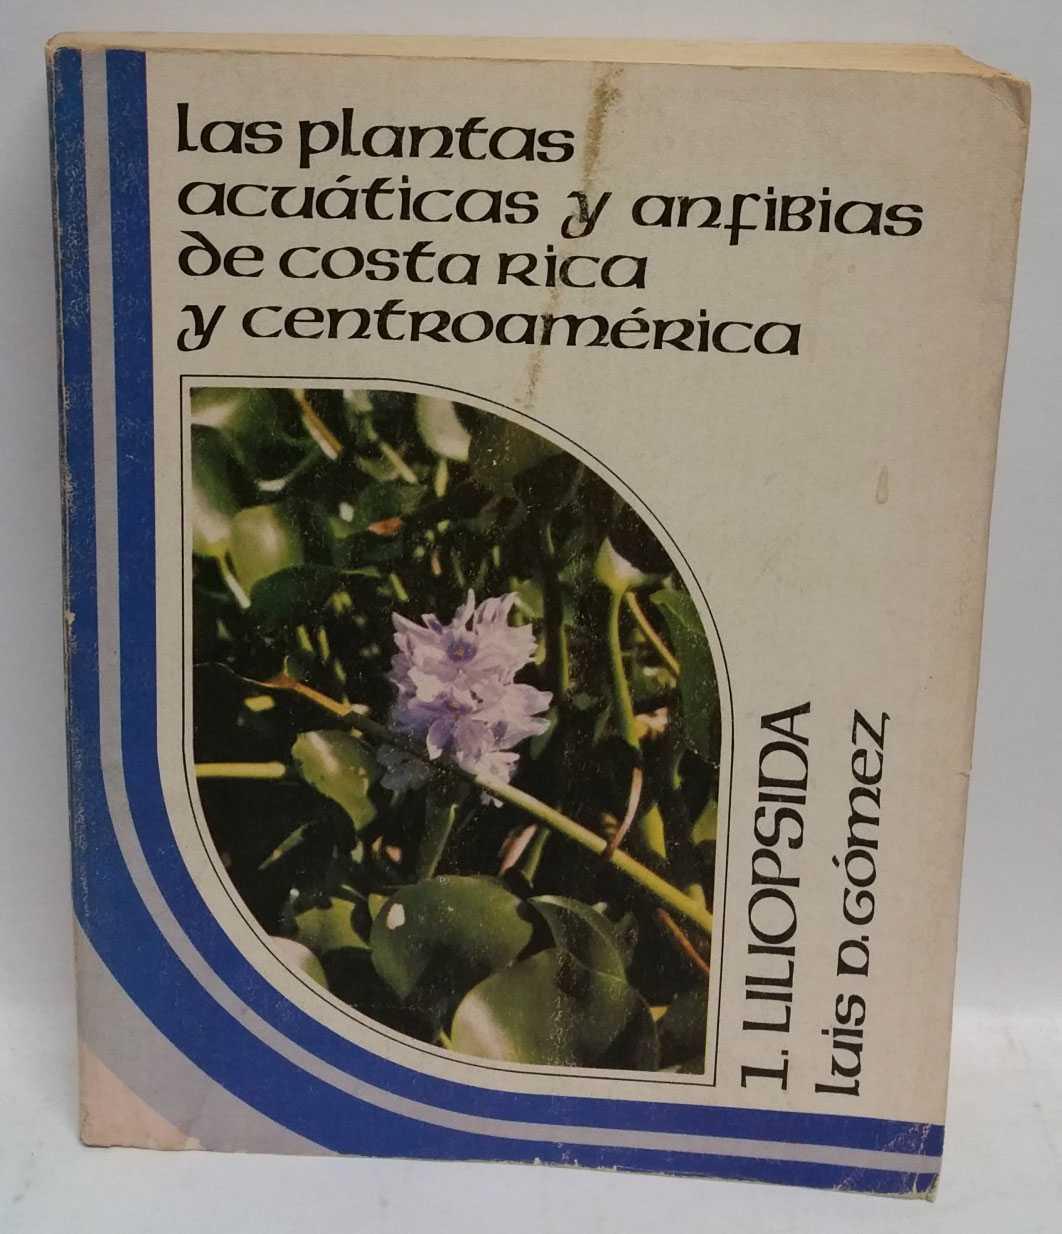 Las plantas acuaticas y anfibias de Costa Rica y Centroamerica, Luis D. Gomez